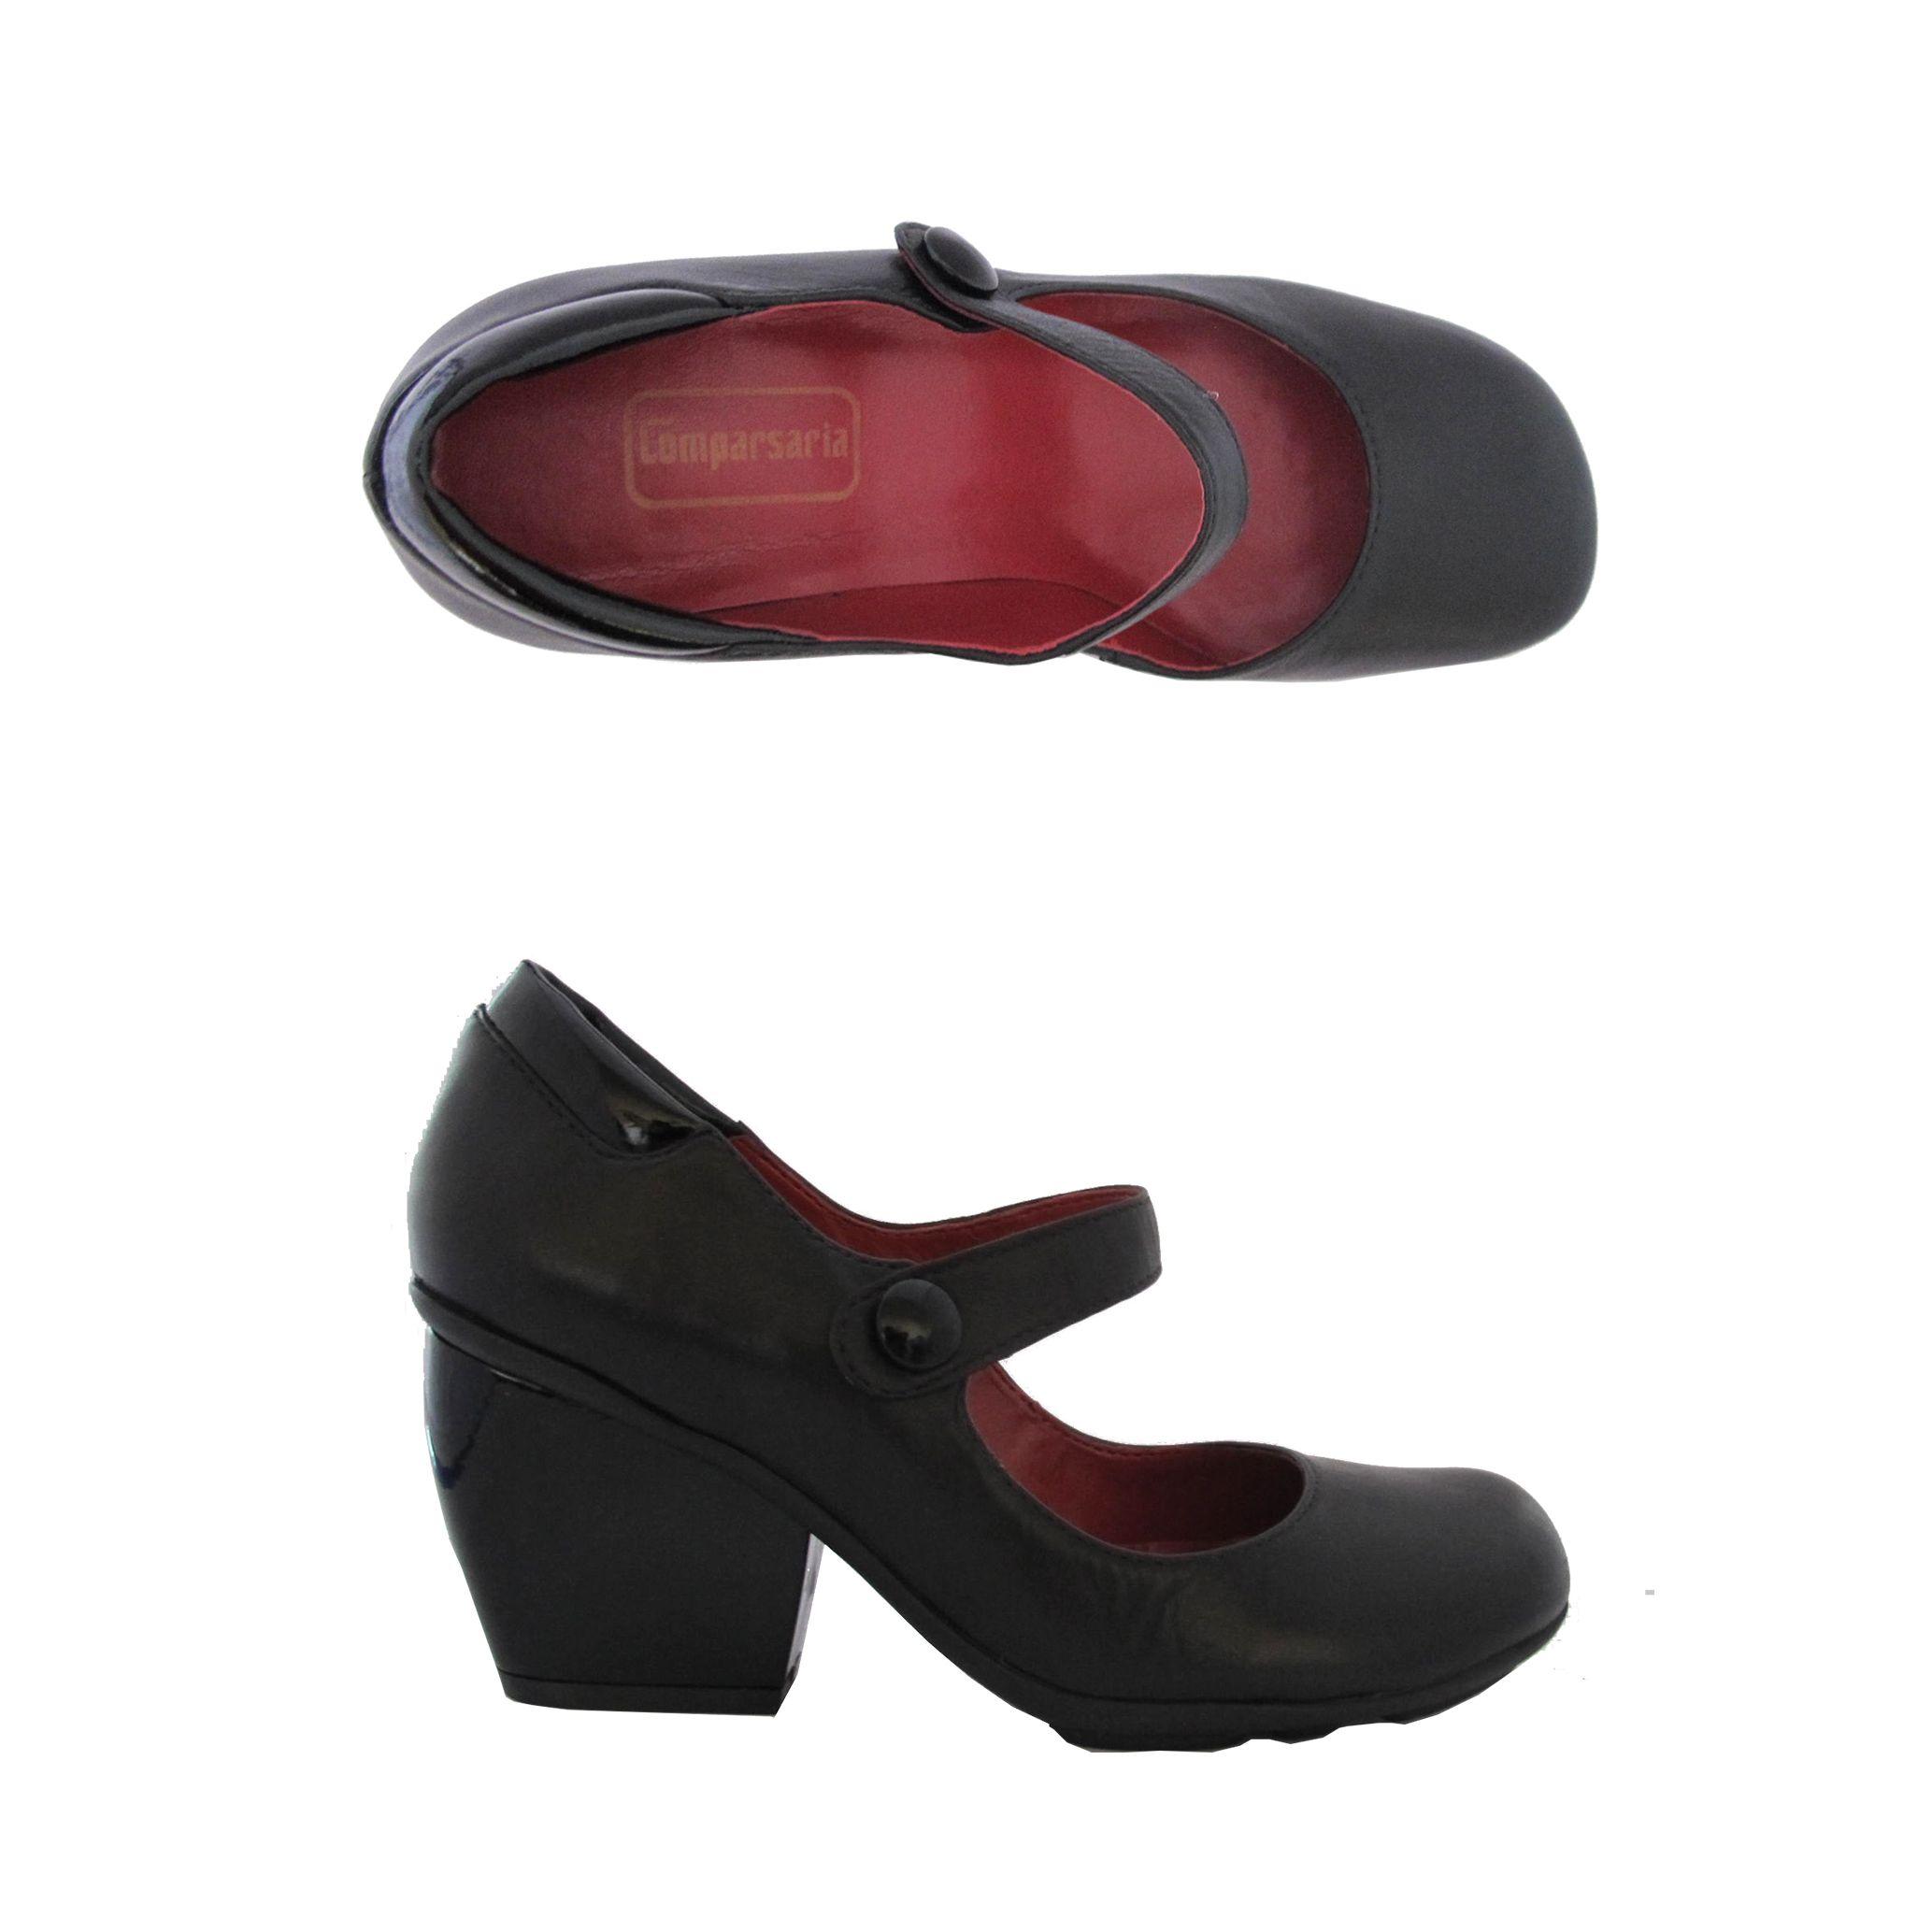 Sapato Suri preto Comparsaria